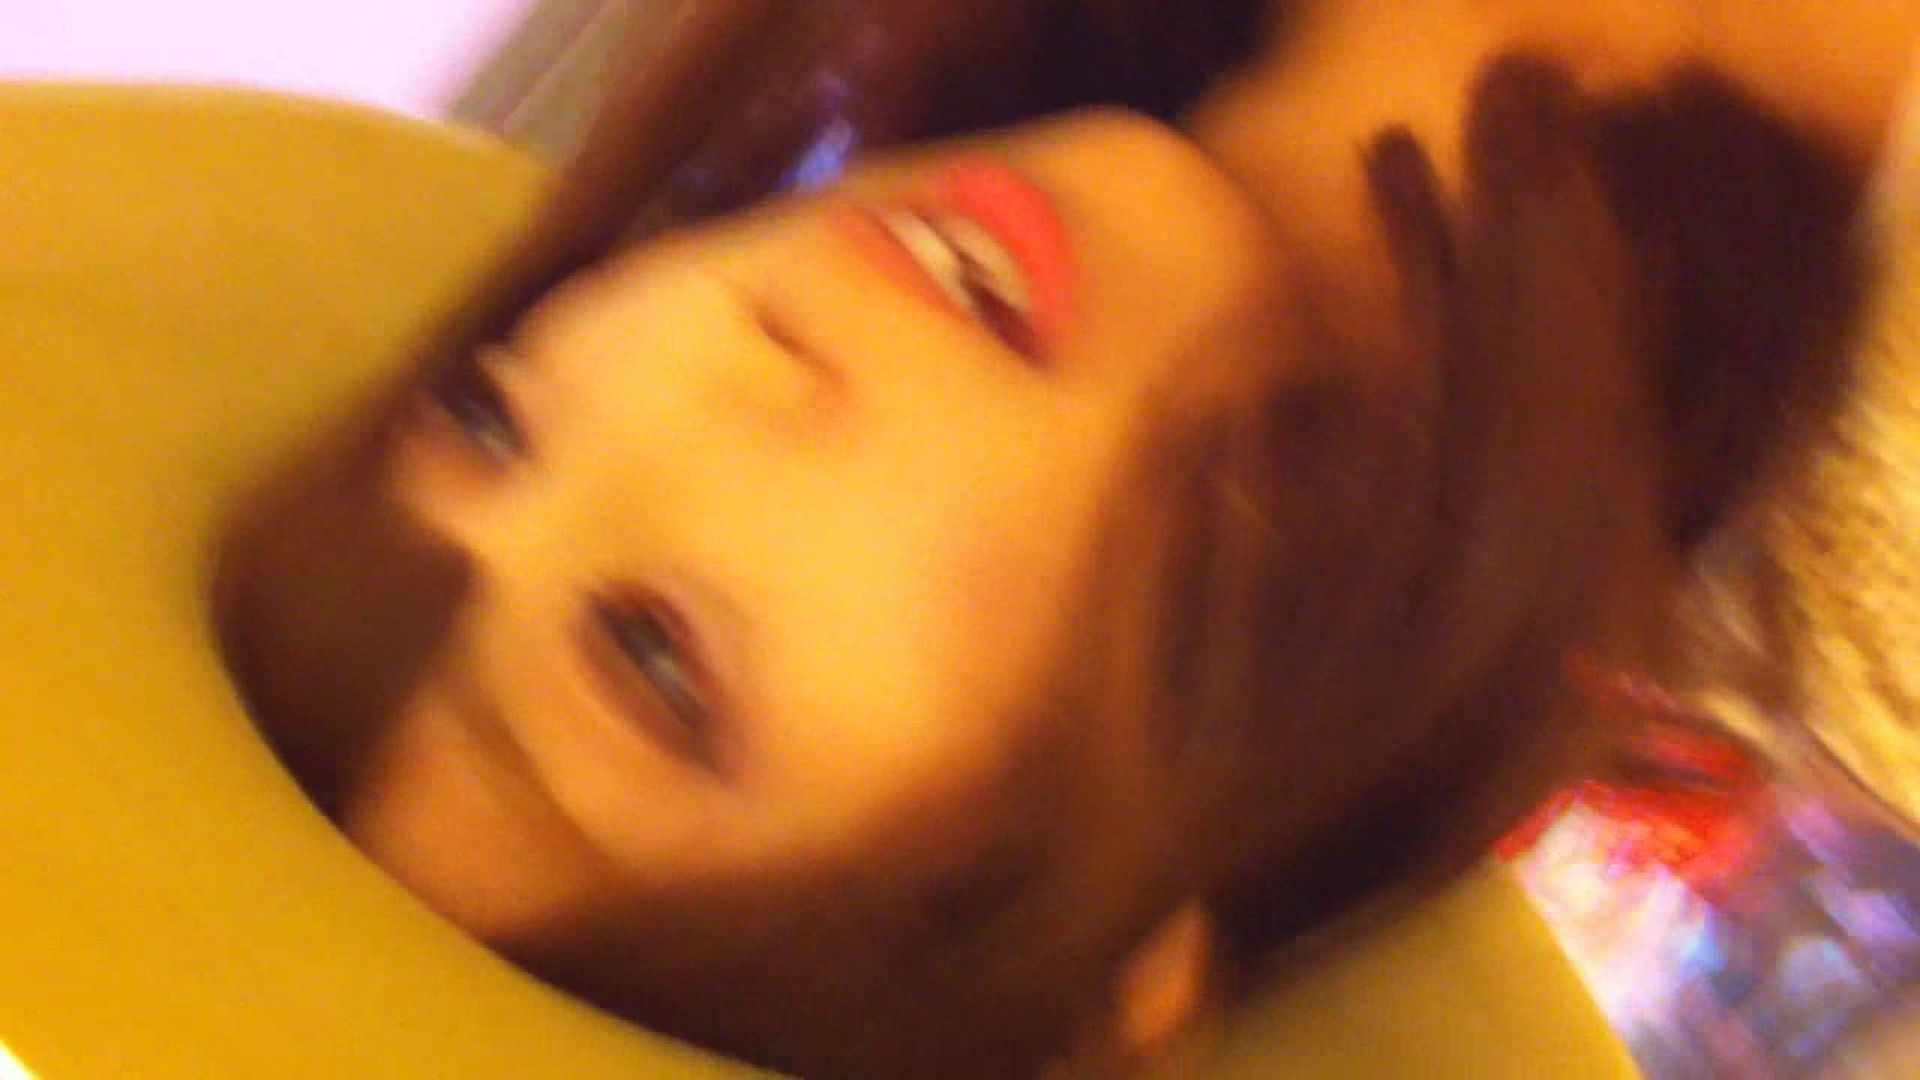 フルHD ショップ店員千人斬り! 大画面ノーカット完全版 vol.76 OLエロ画像 のぞきエロ無料画像 95PICs 17